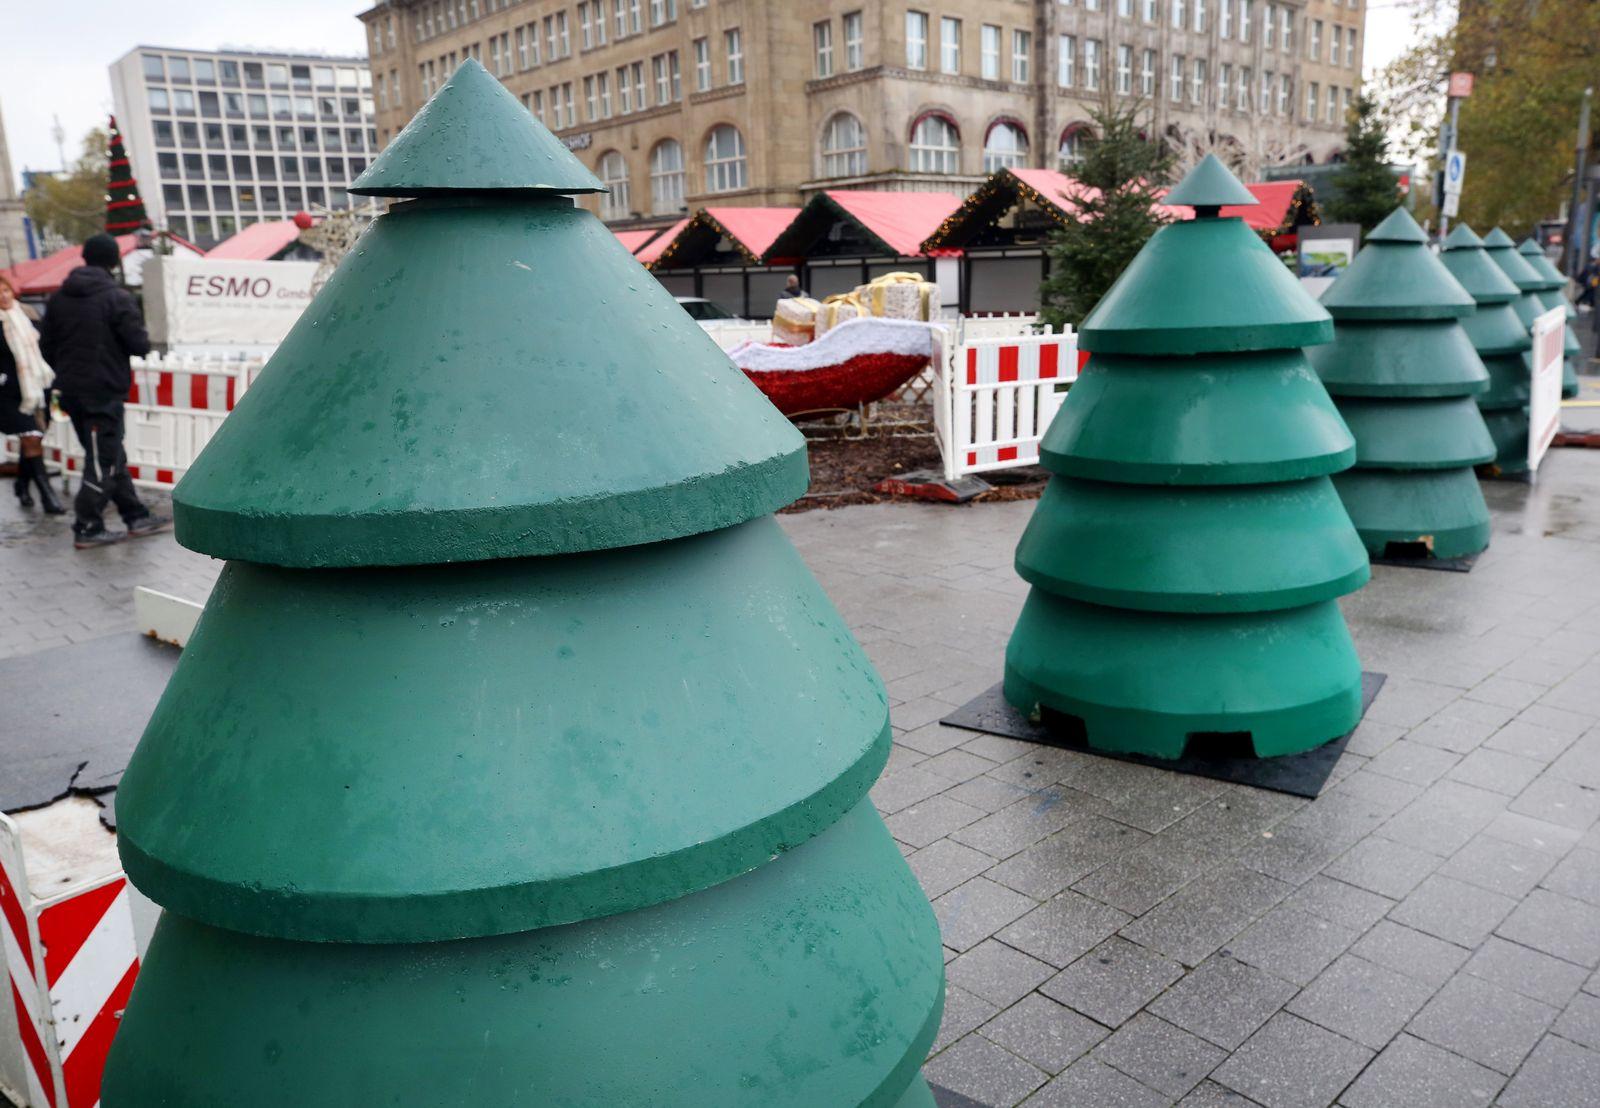 Durchfahrtssperre vor Weihnachtsmärkten